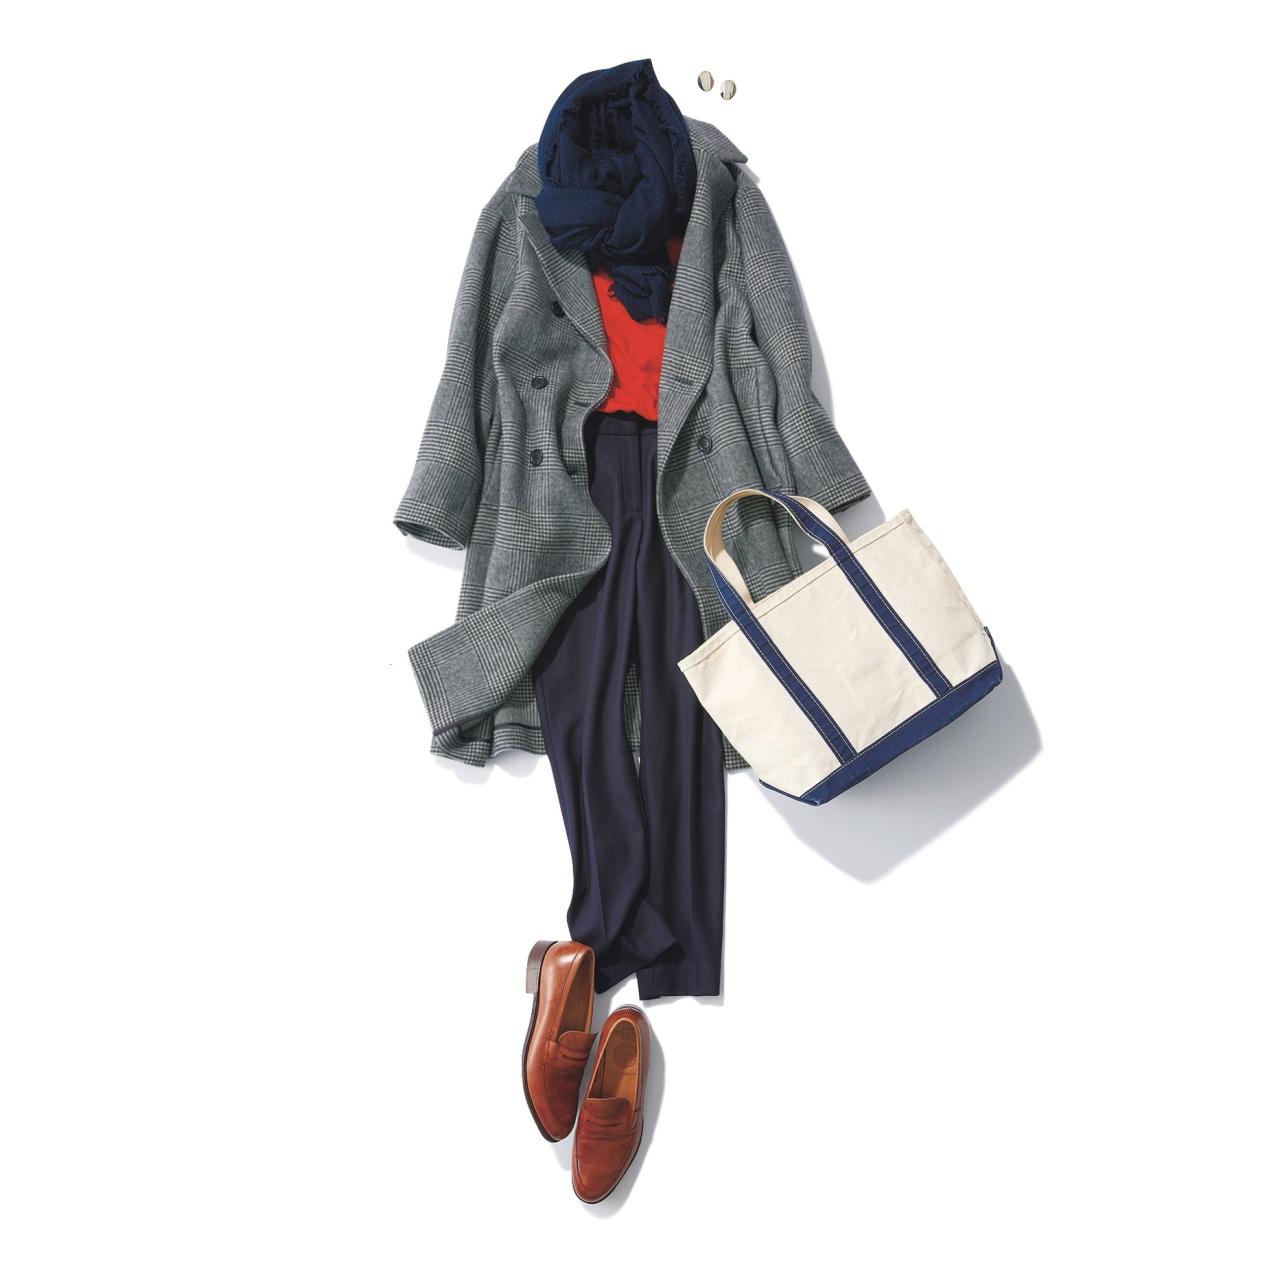 グレンチェック柄コート×赤ニットのファッションコーデ